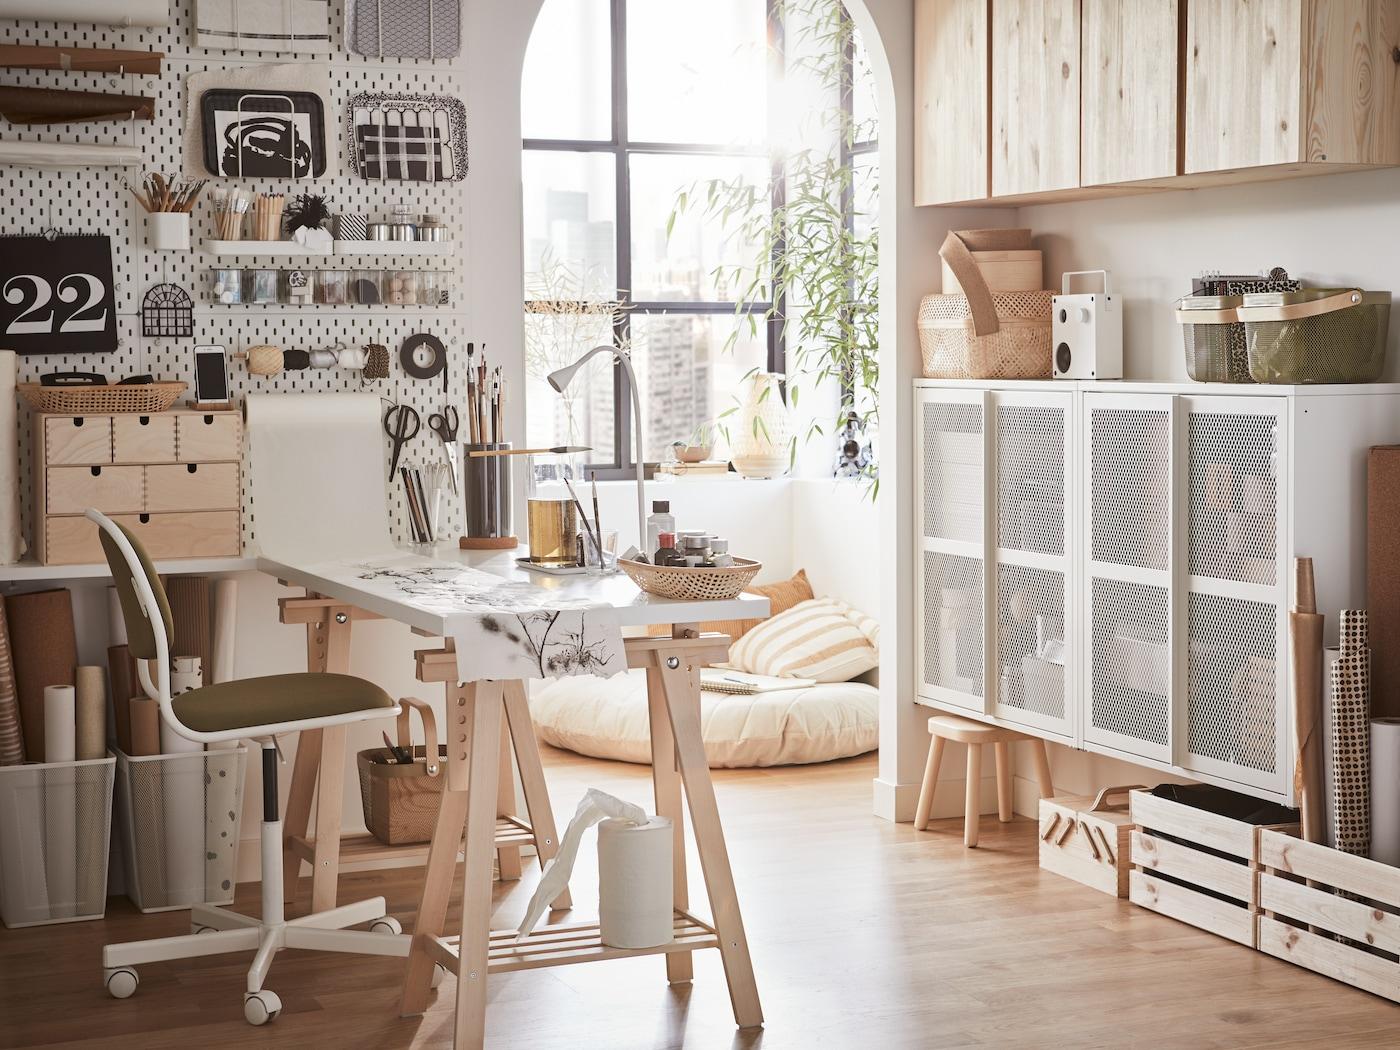 Przestrzeń pobudzająca kreatywność